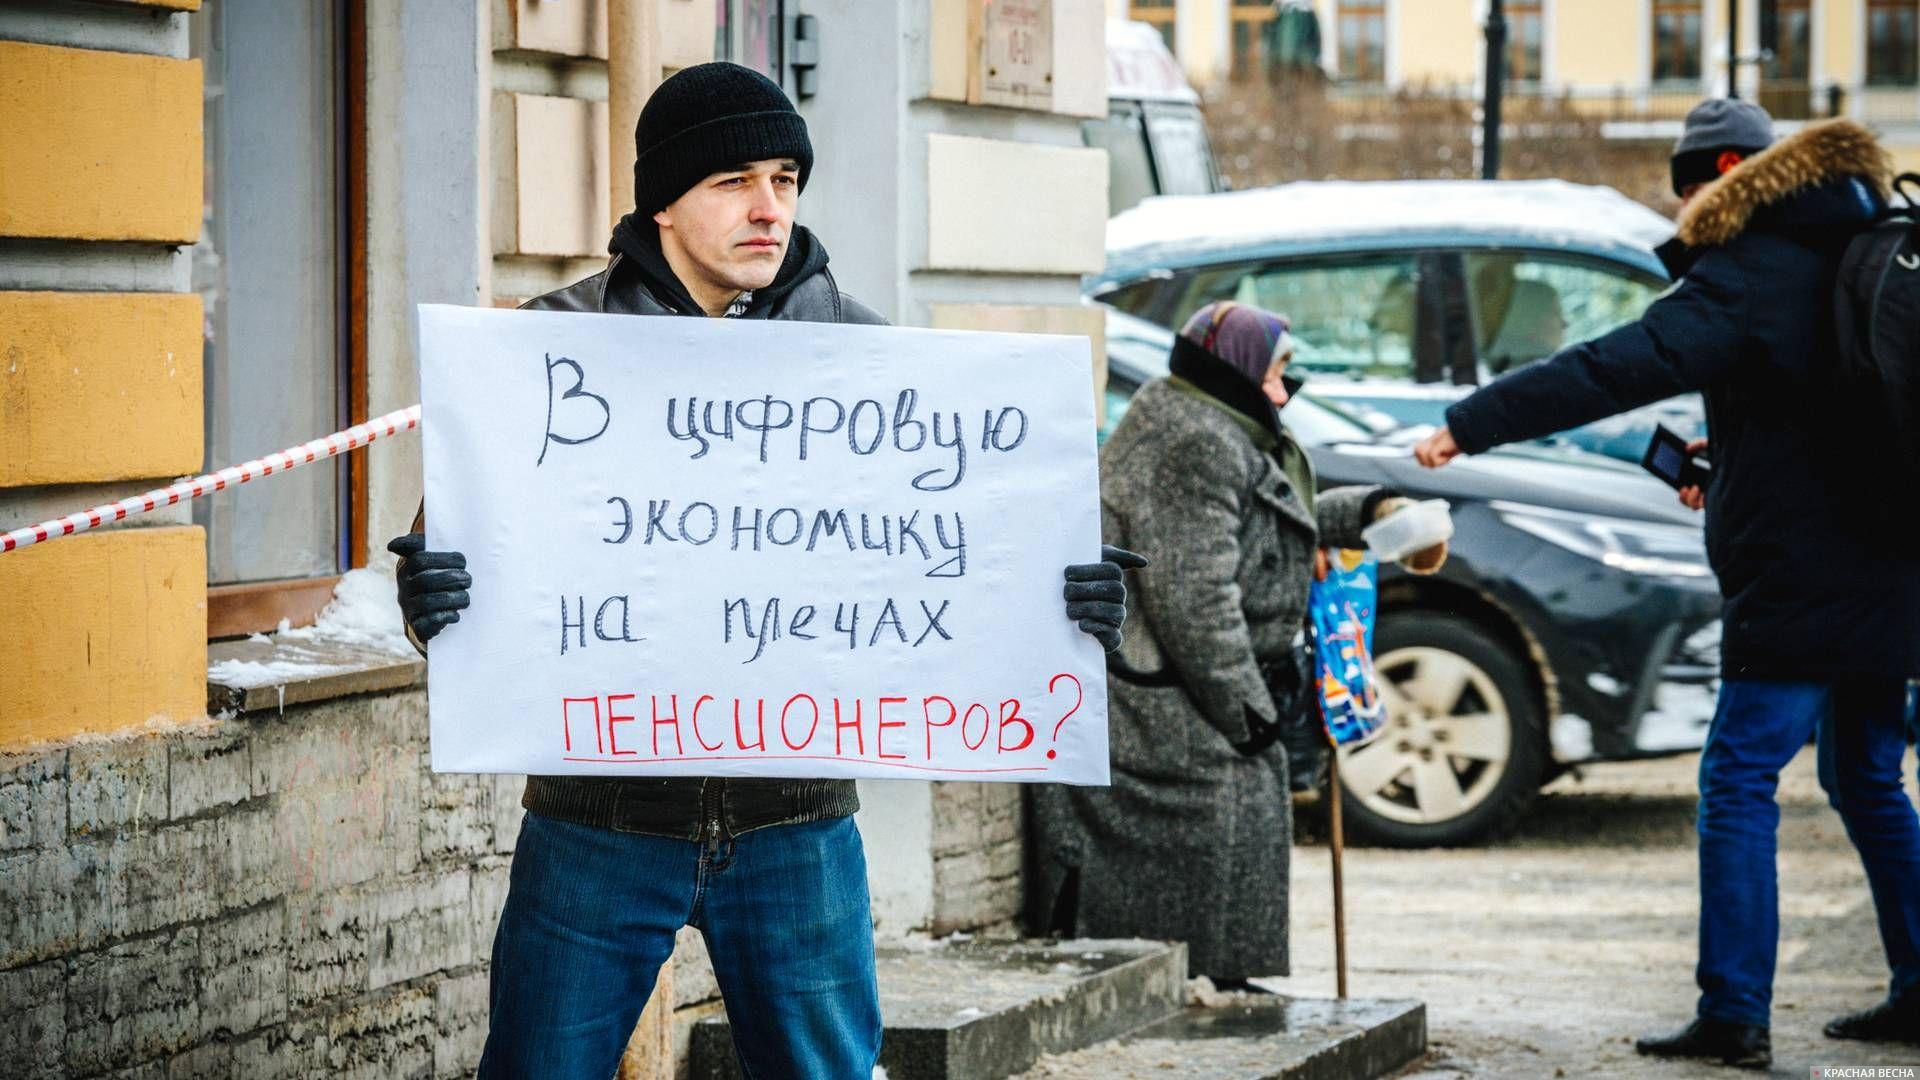 Социальная несправедливость. Невский проспект. Санкт-Петербург